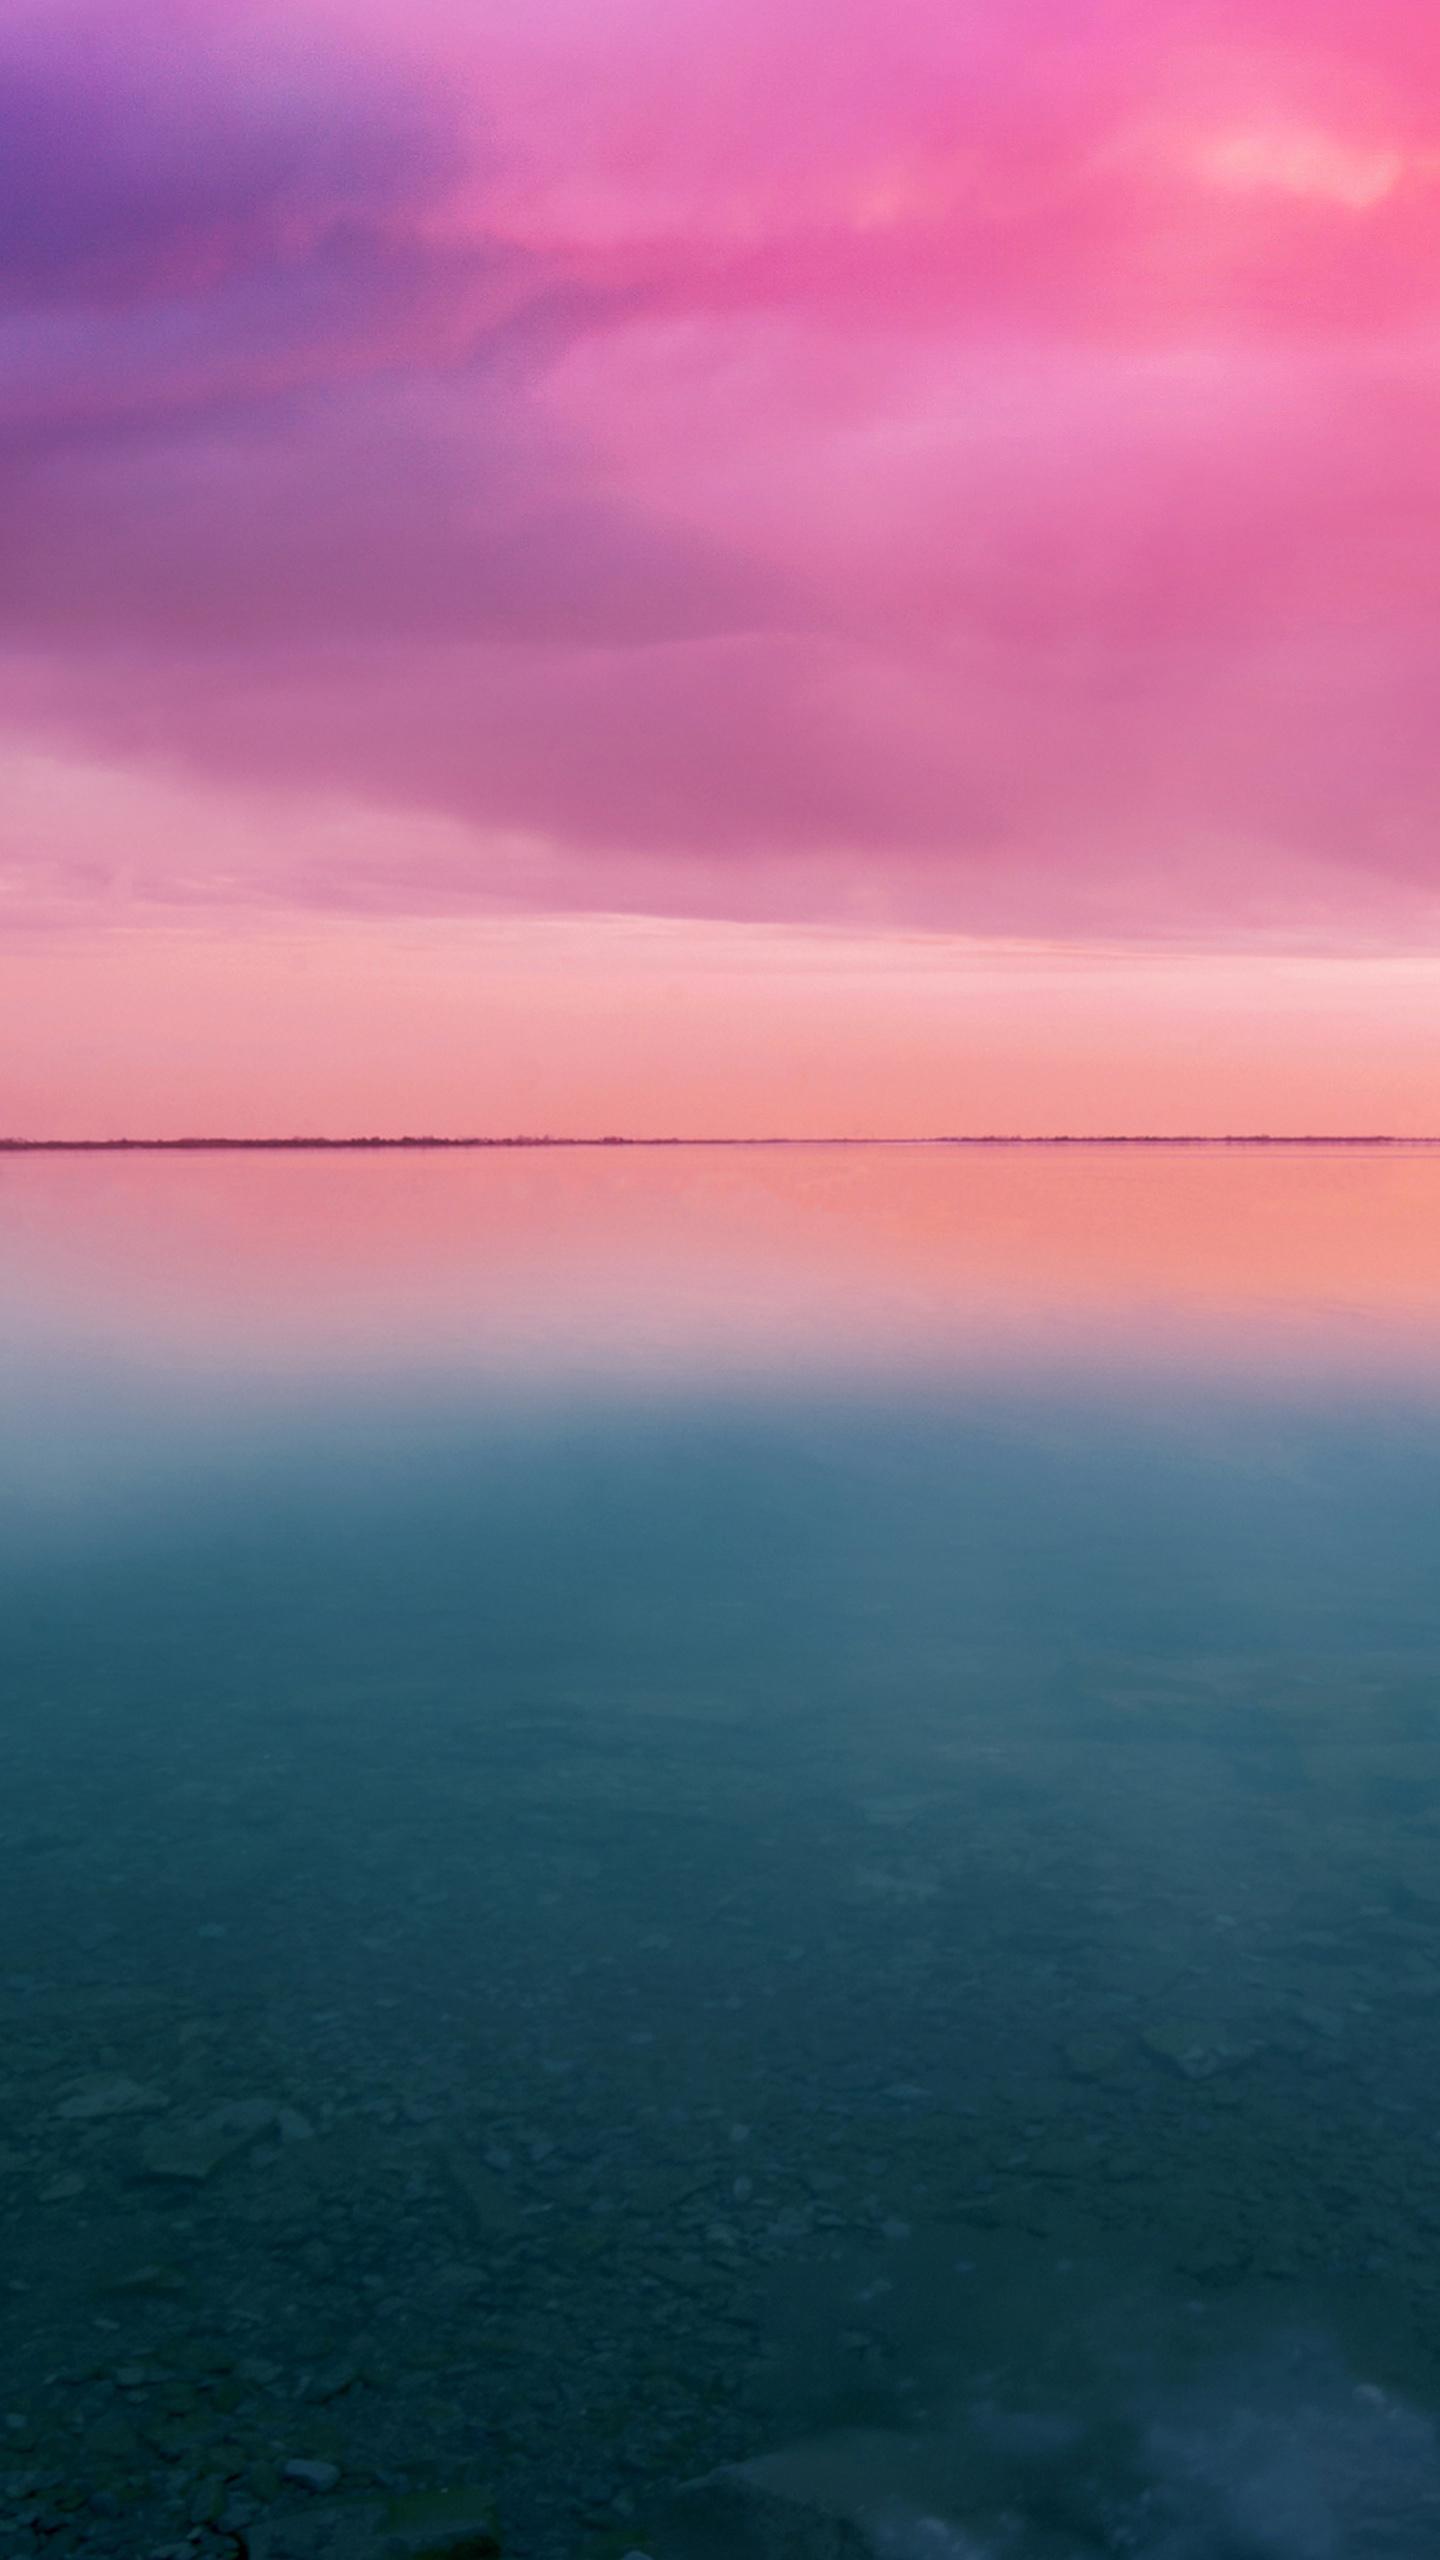 Ocean Wallpaper Iphone X Lg Wallpapers Shufflenet